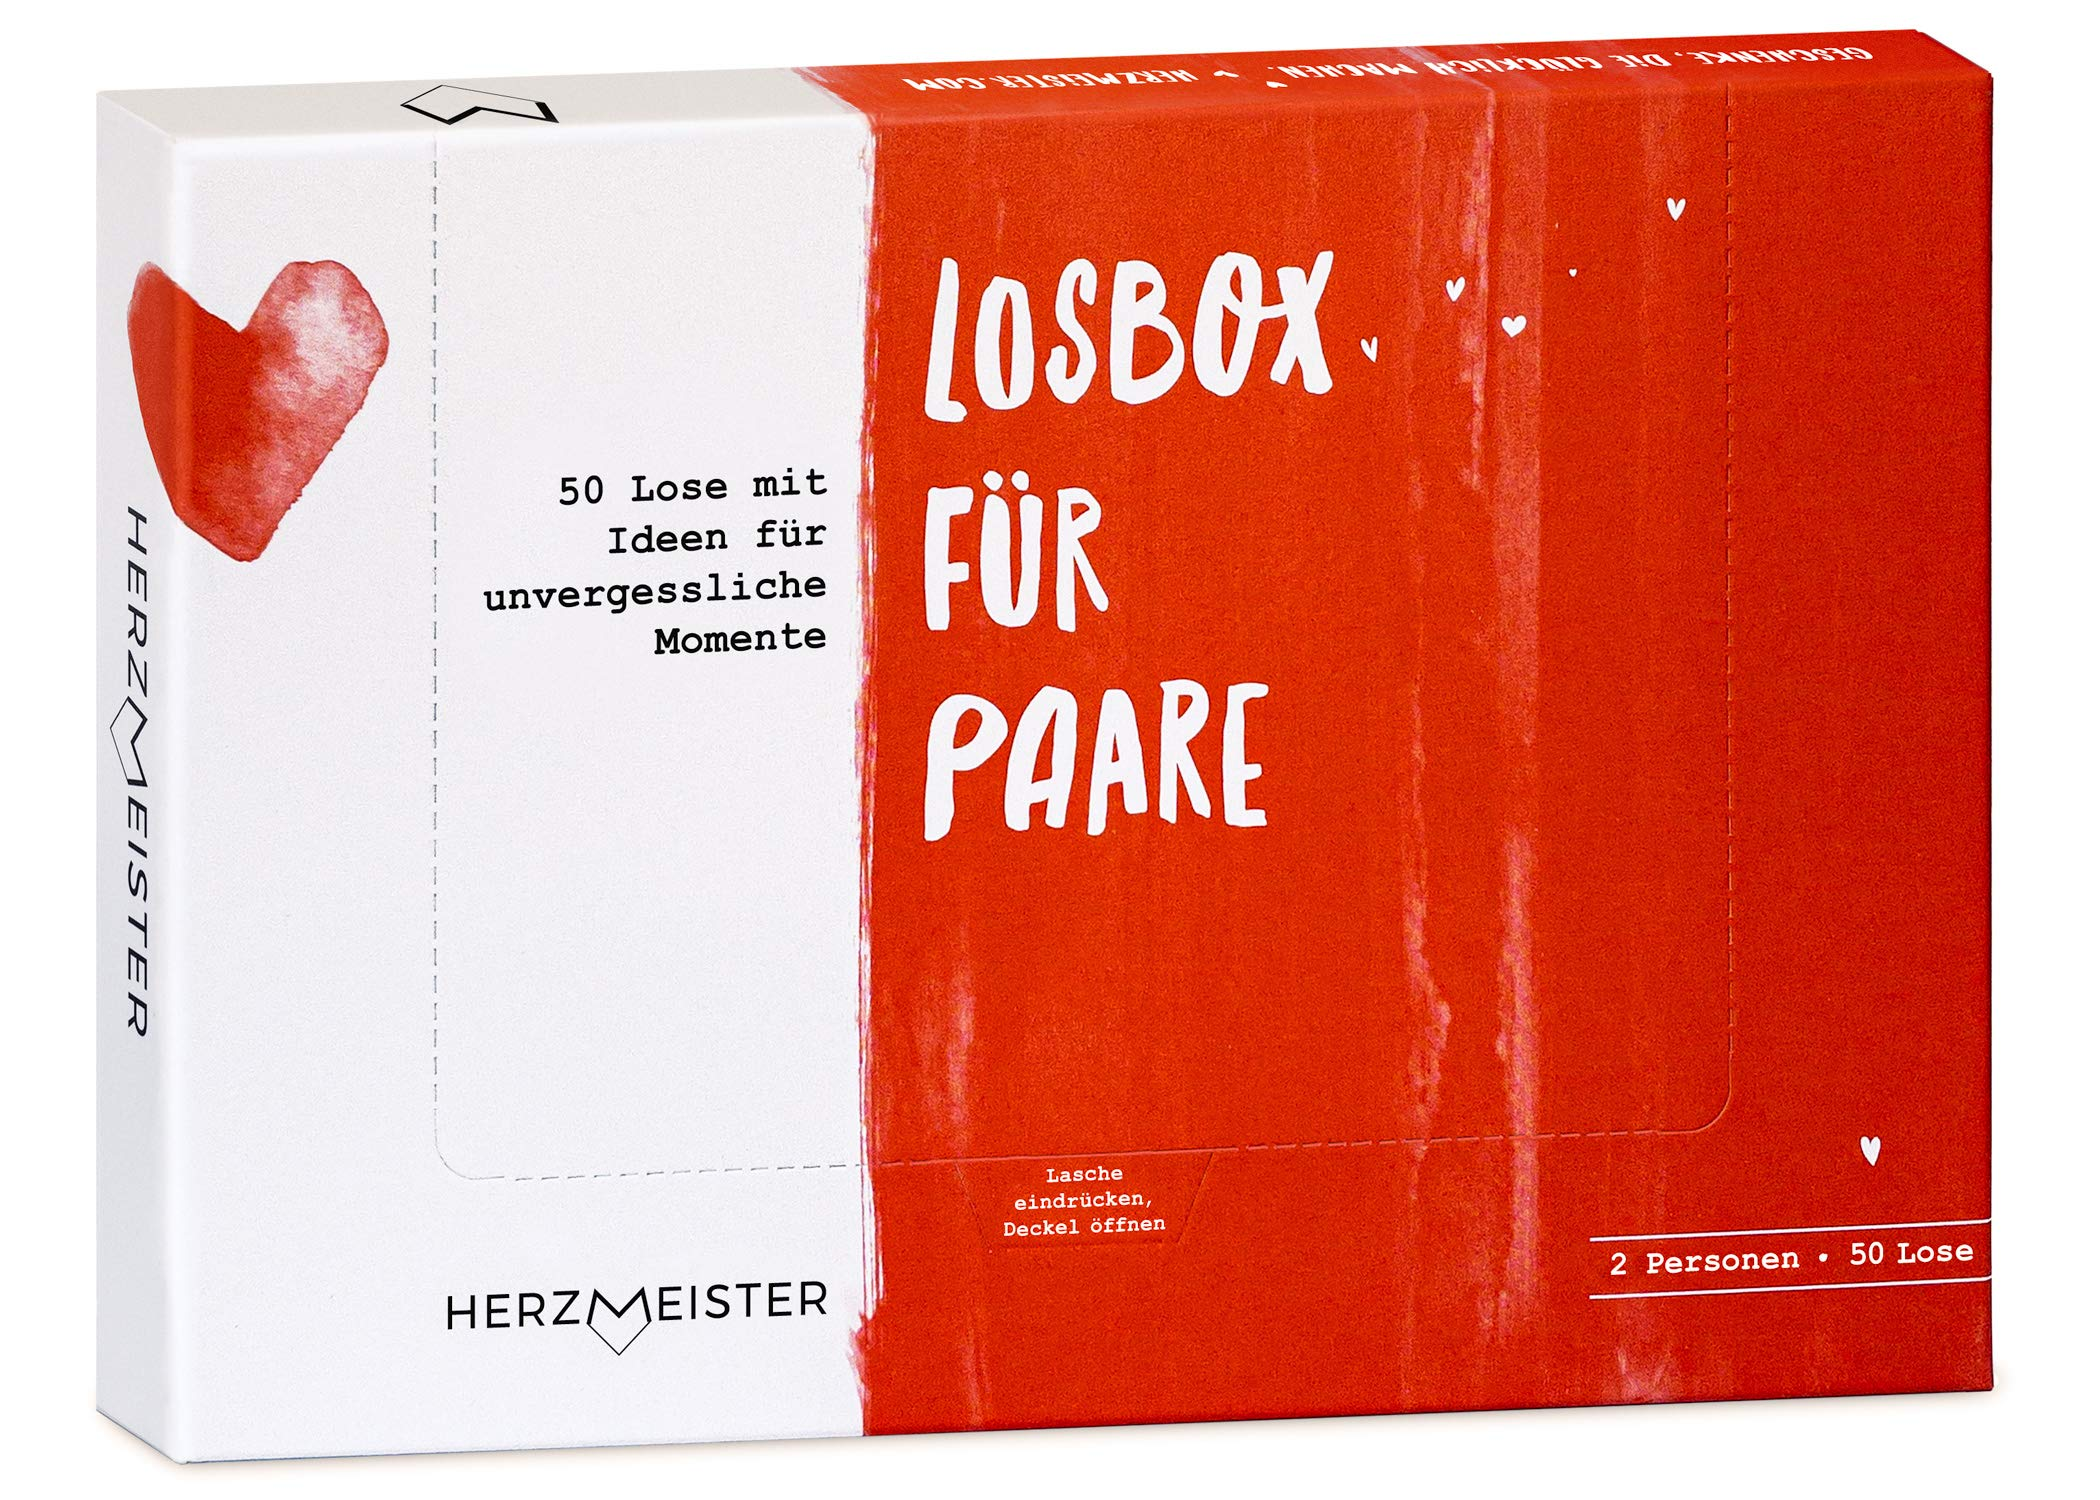 NEU: Losbox für Paare   Das Paar-Geschenk für 50 unvergessliche Momente   50 Lose mit Ideen für Spiel, Spaß & viel Liebe   Zur Hochzeit, zum Geburtstag & Jahrestag für Mann, Frau, Freund, Freundin Bild